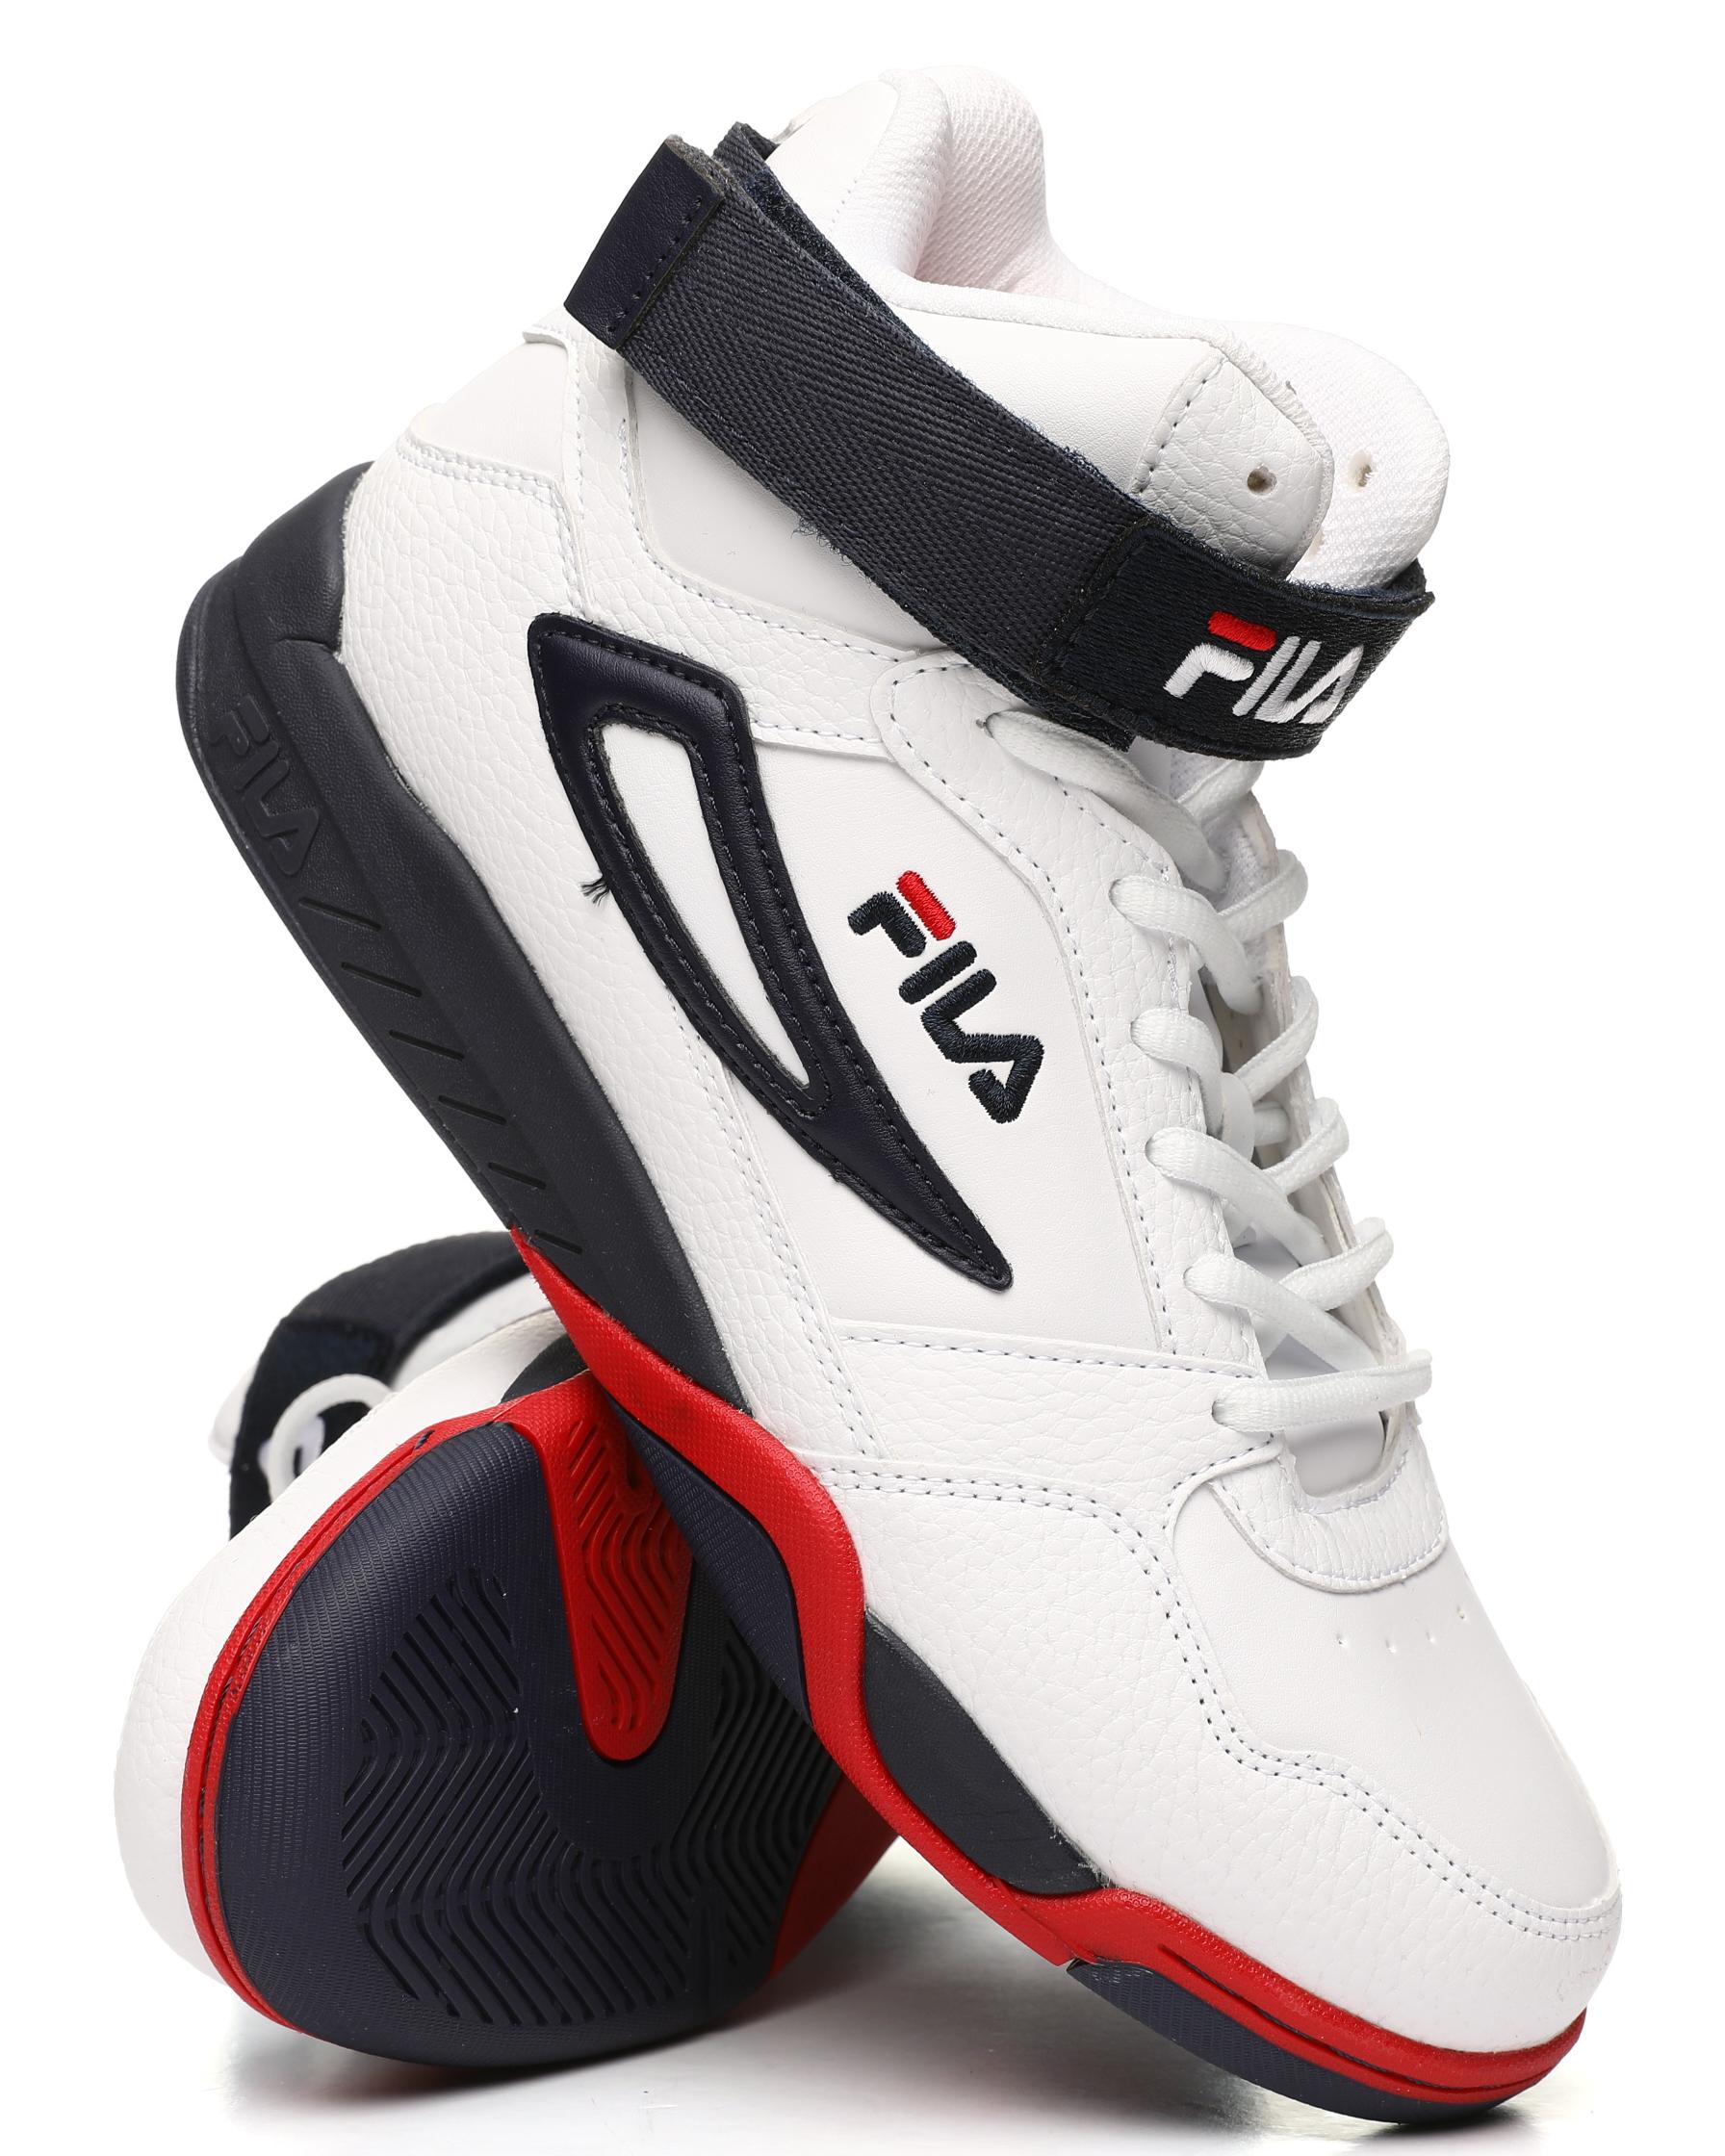 Buy Multiverse HIgh Top Sneakers Men's Footwear from Fila